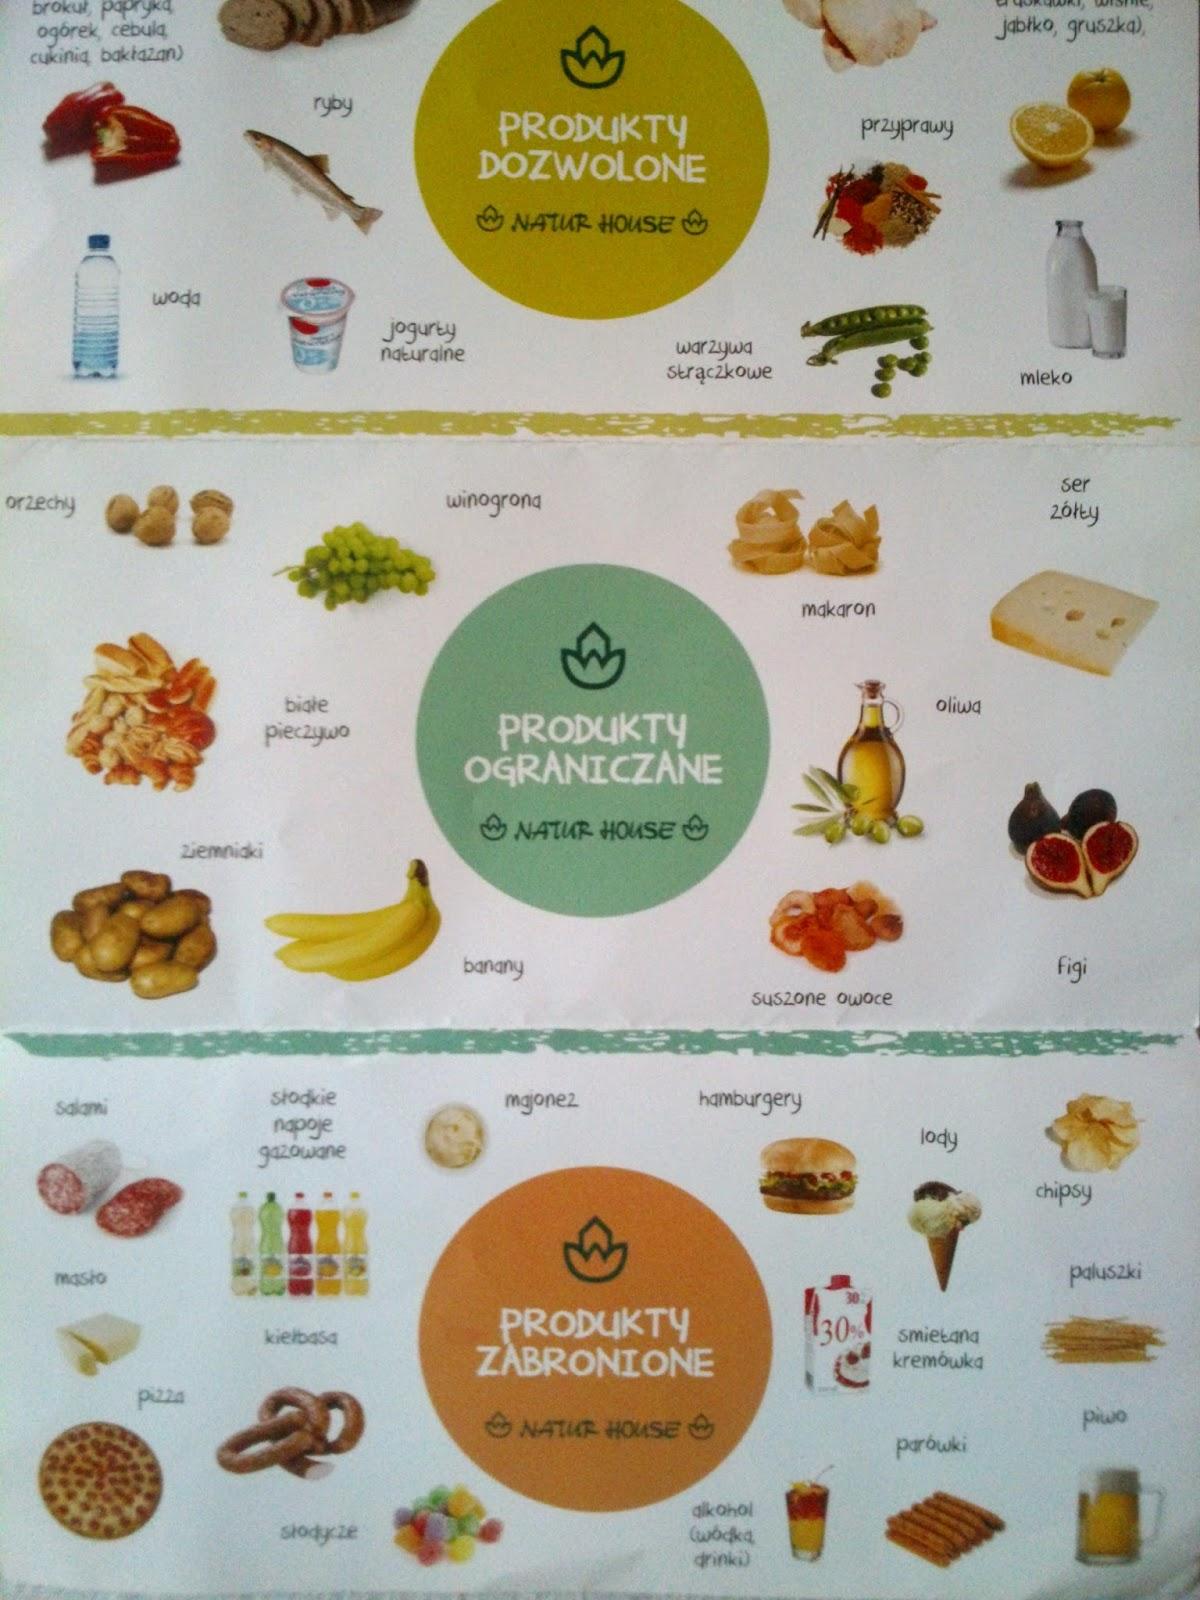 tabela produktów dozwolonych na diecie